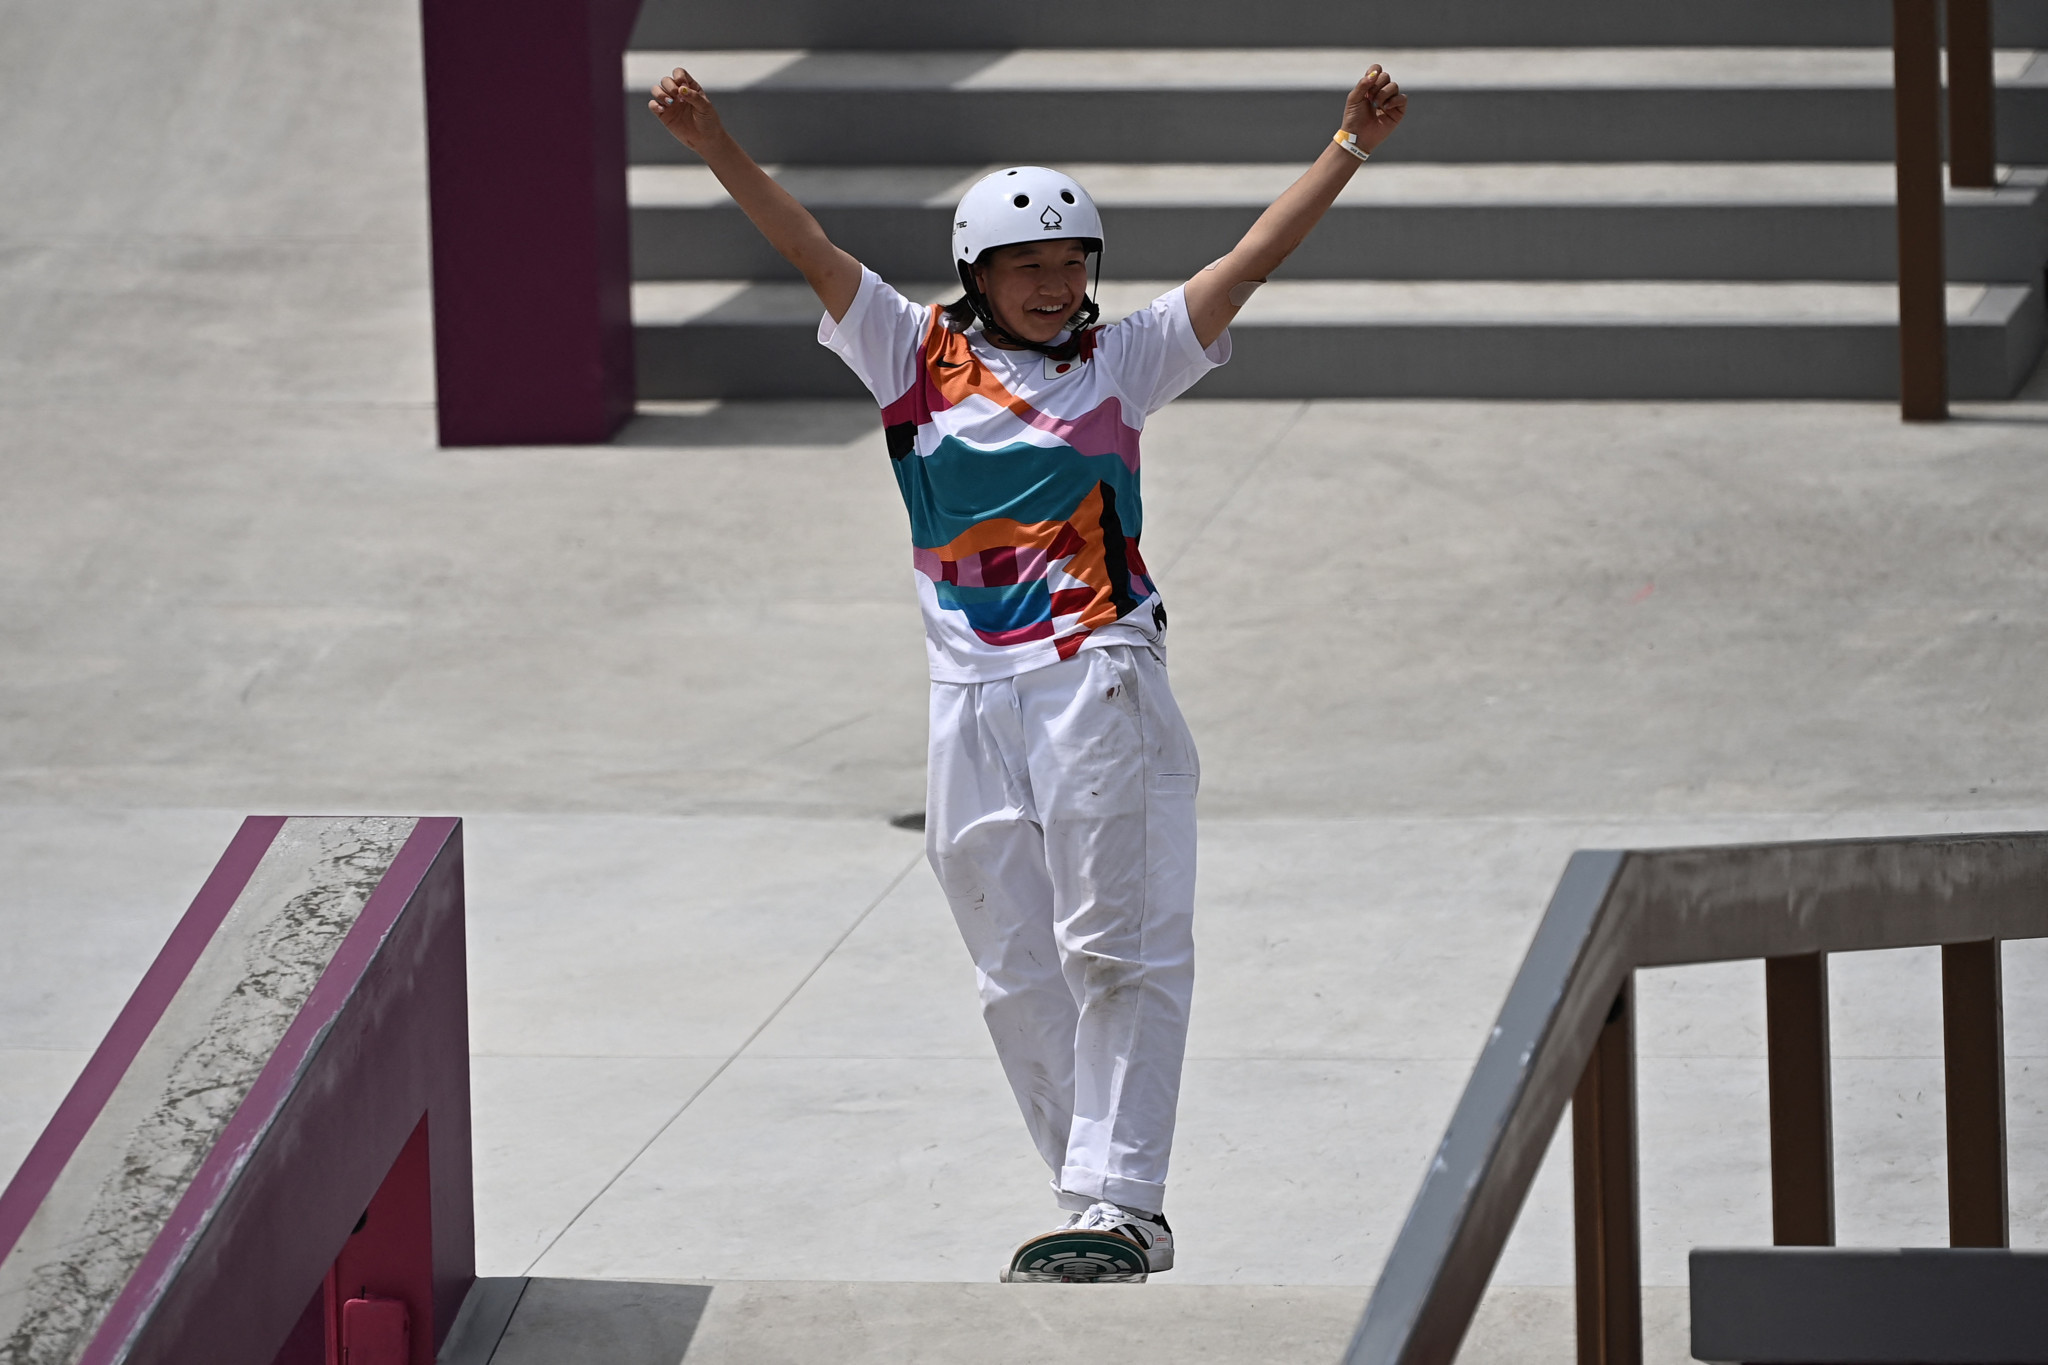 日本の日亜化学工業がわずか13歳でスケートボードの金メダルを獲得した後の2020年東京のスターの1人